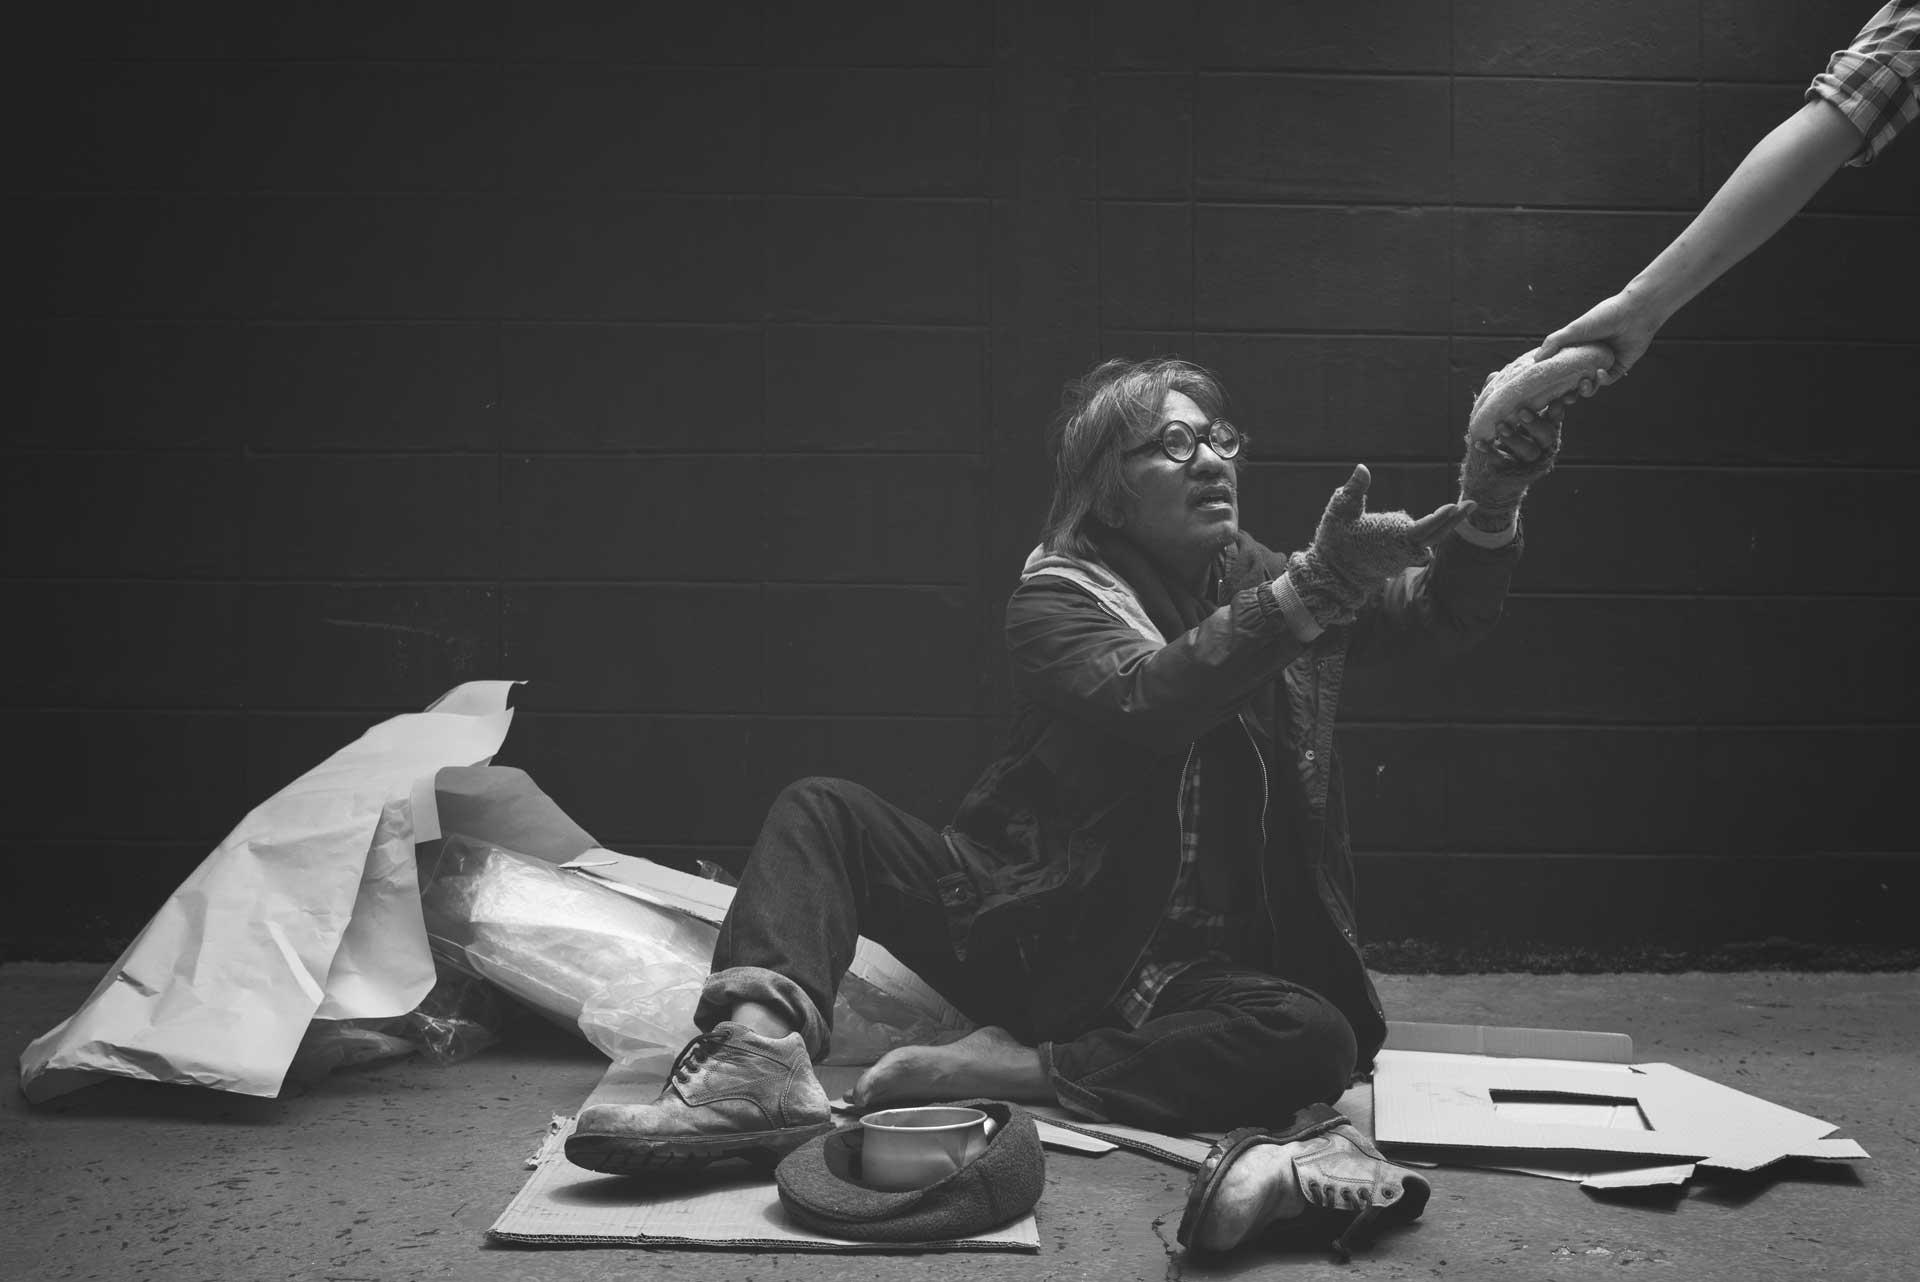 Homelessnes